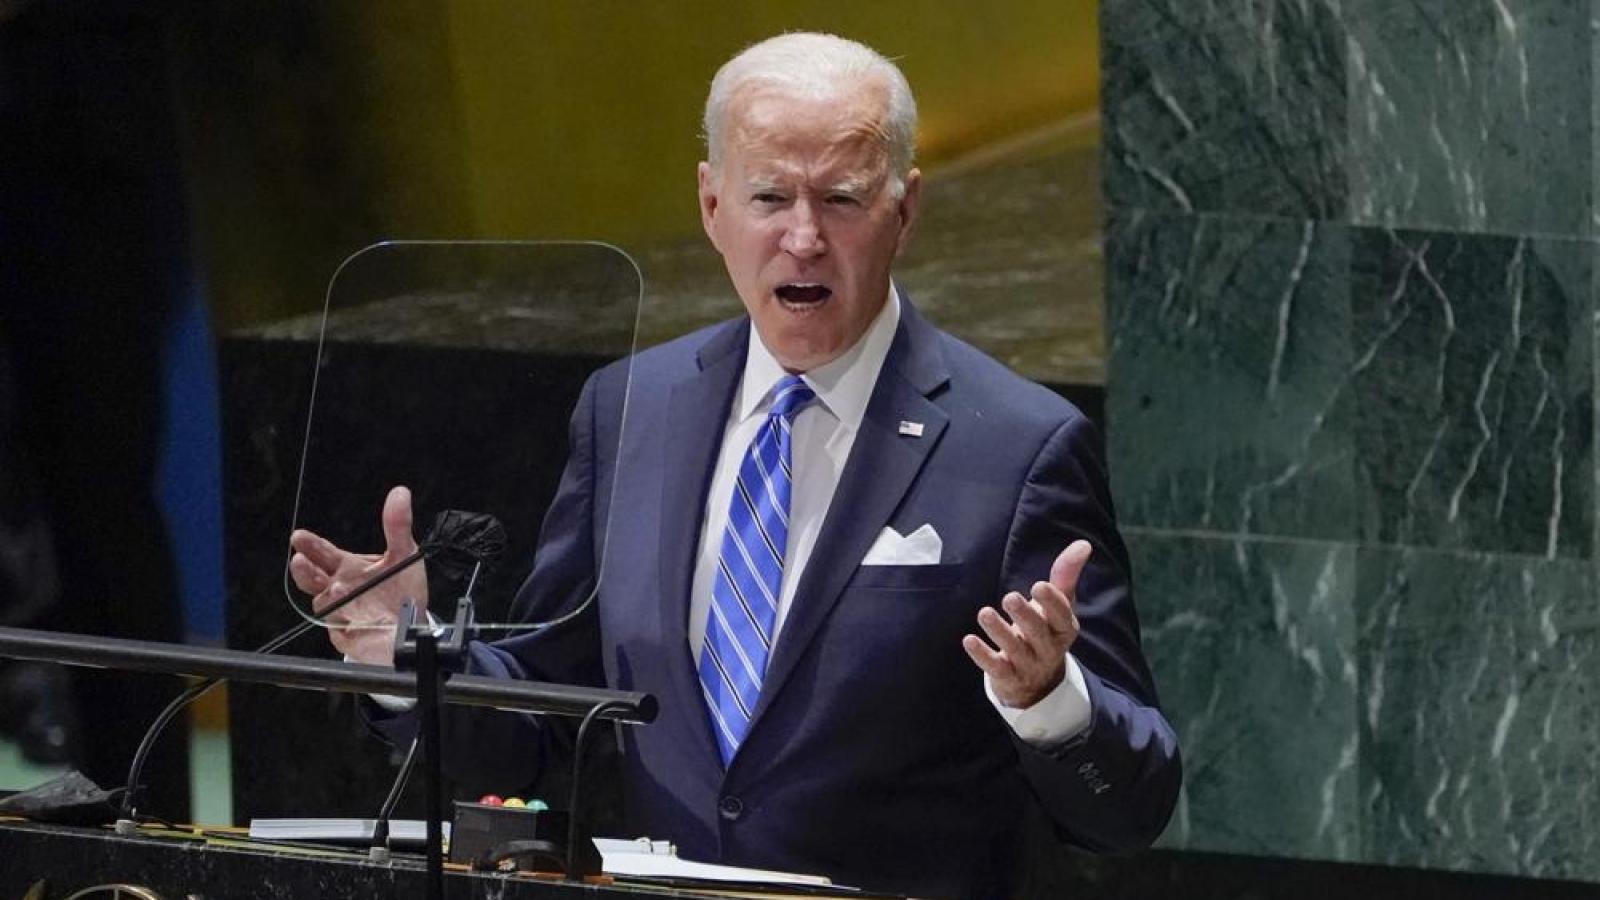 Giữa cơn giận của Pháp, Tổng thống Mỹ Biden ra sức trấn an đồng minh tại Liên Hợp Quốc